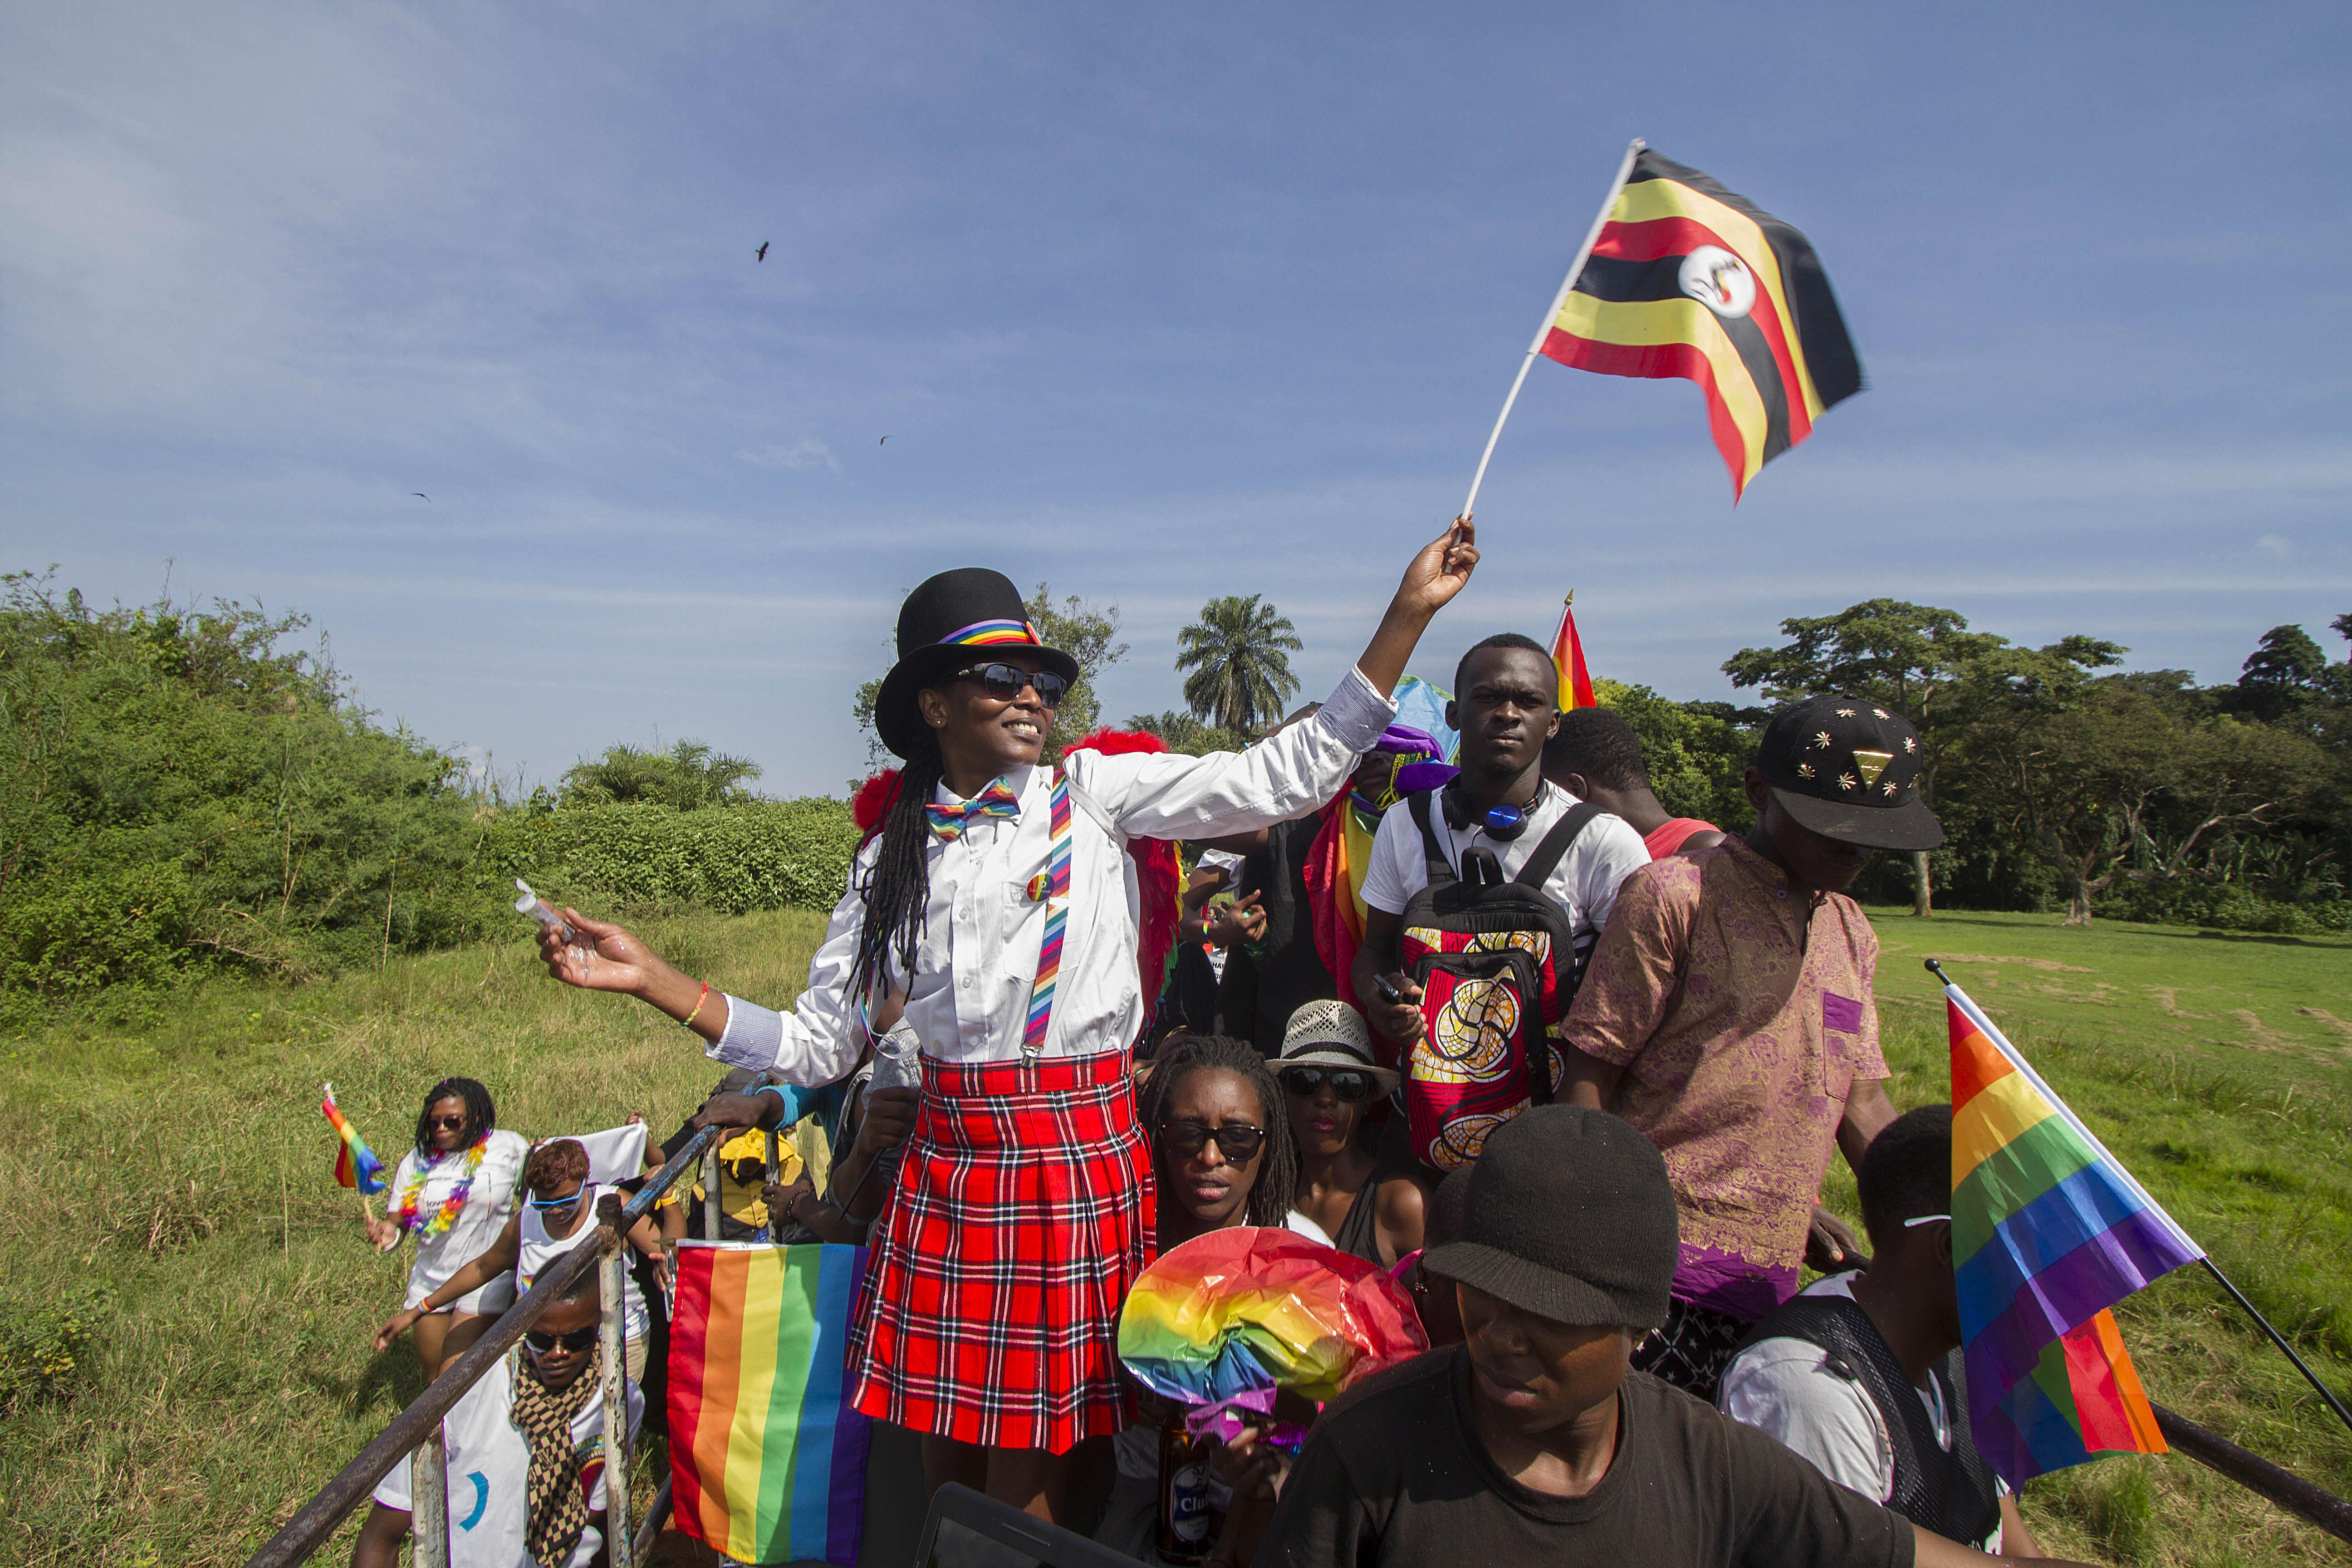 Feloszlatott a rendőrség egy melegfelvonulást Ugandában